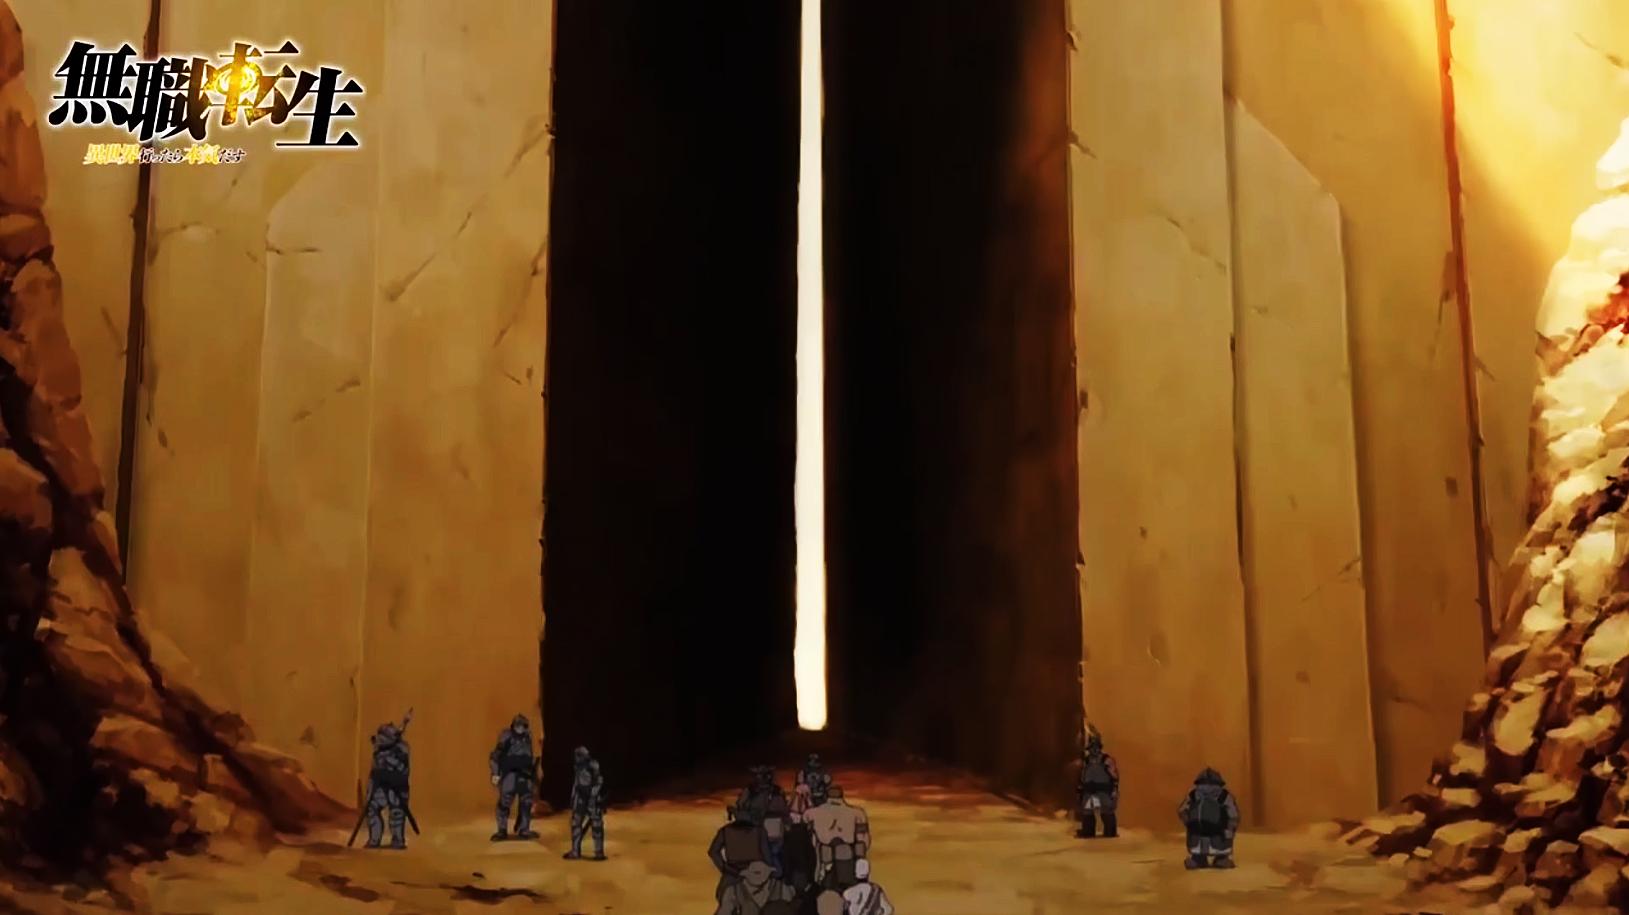 無職轉生第10集情報:魯迪成為冒險者,「死路一條」小隊成立